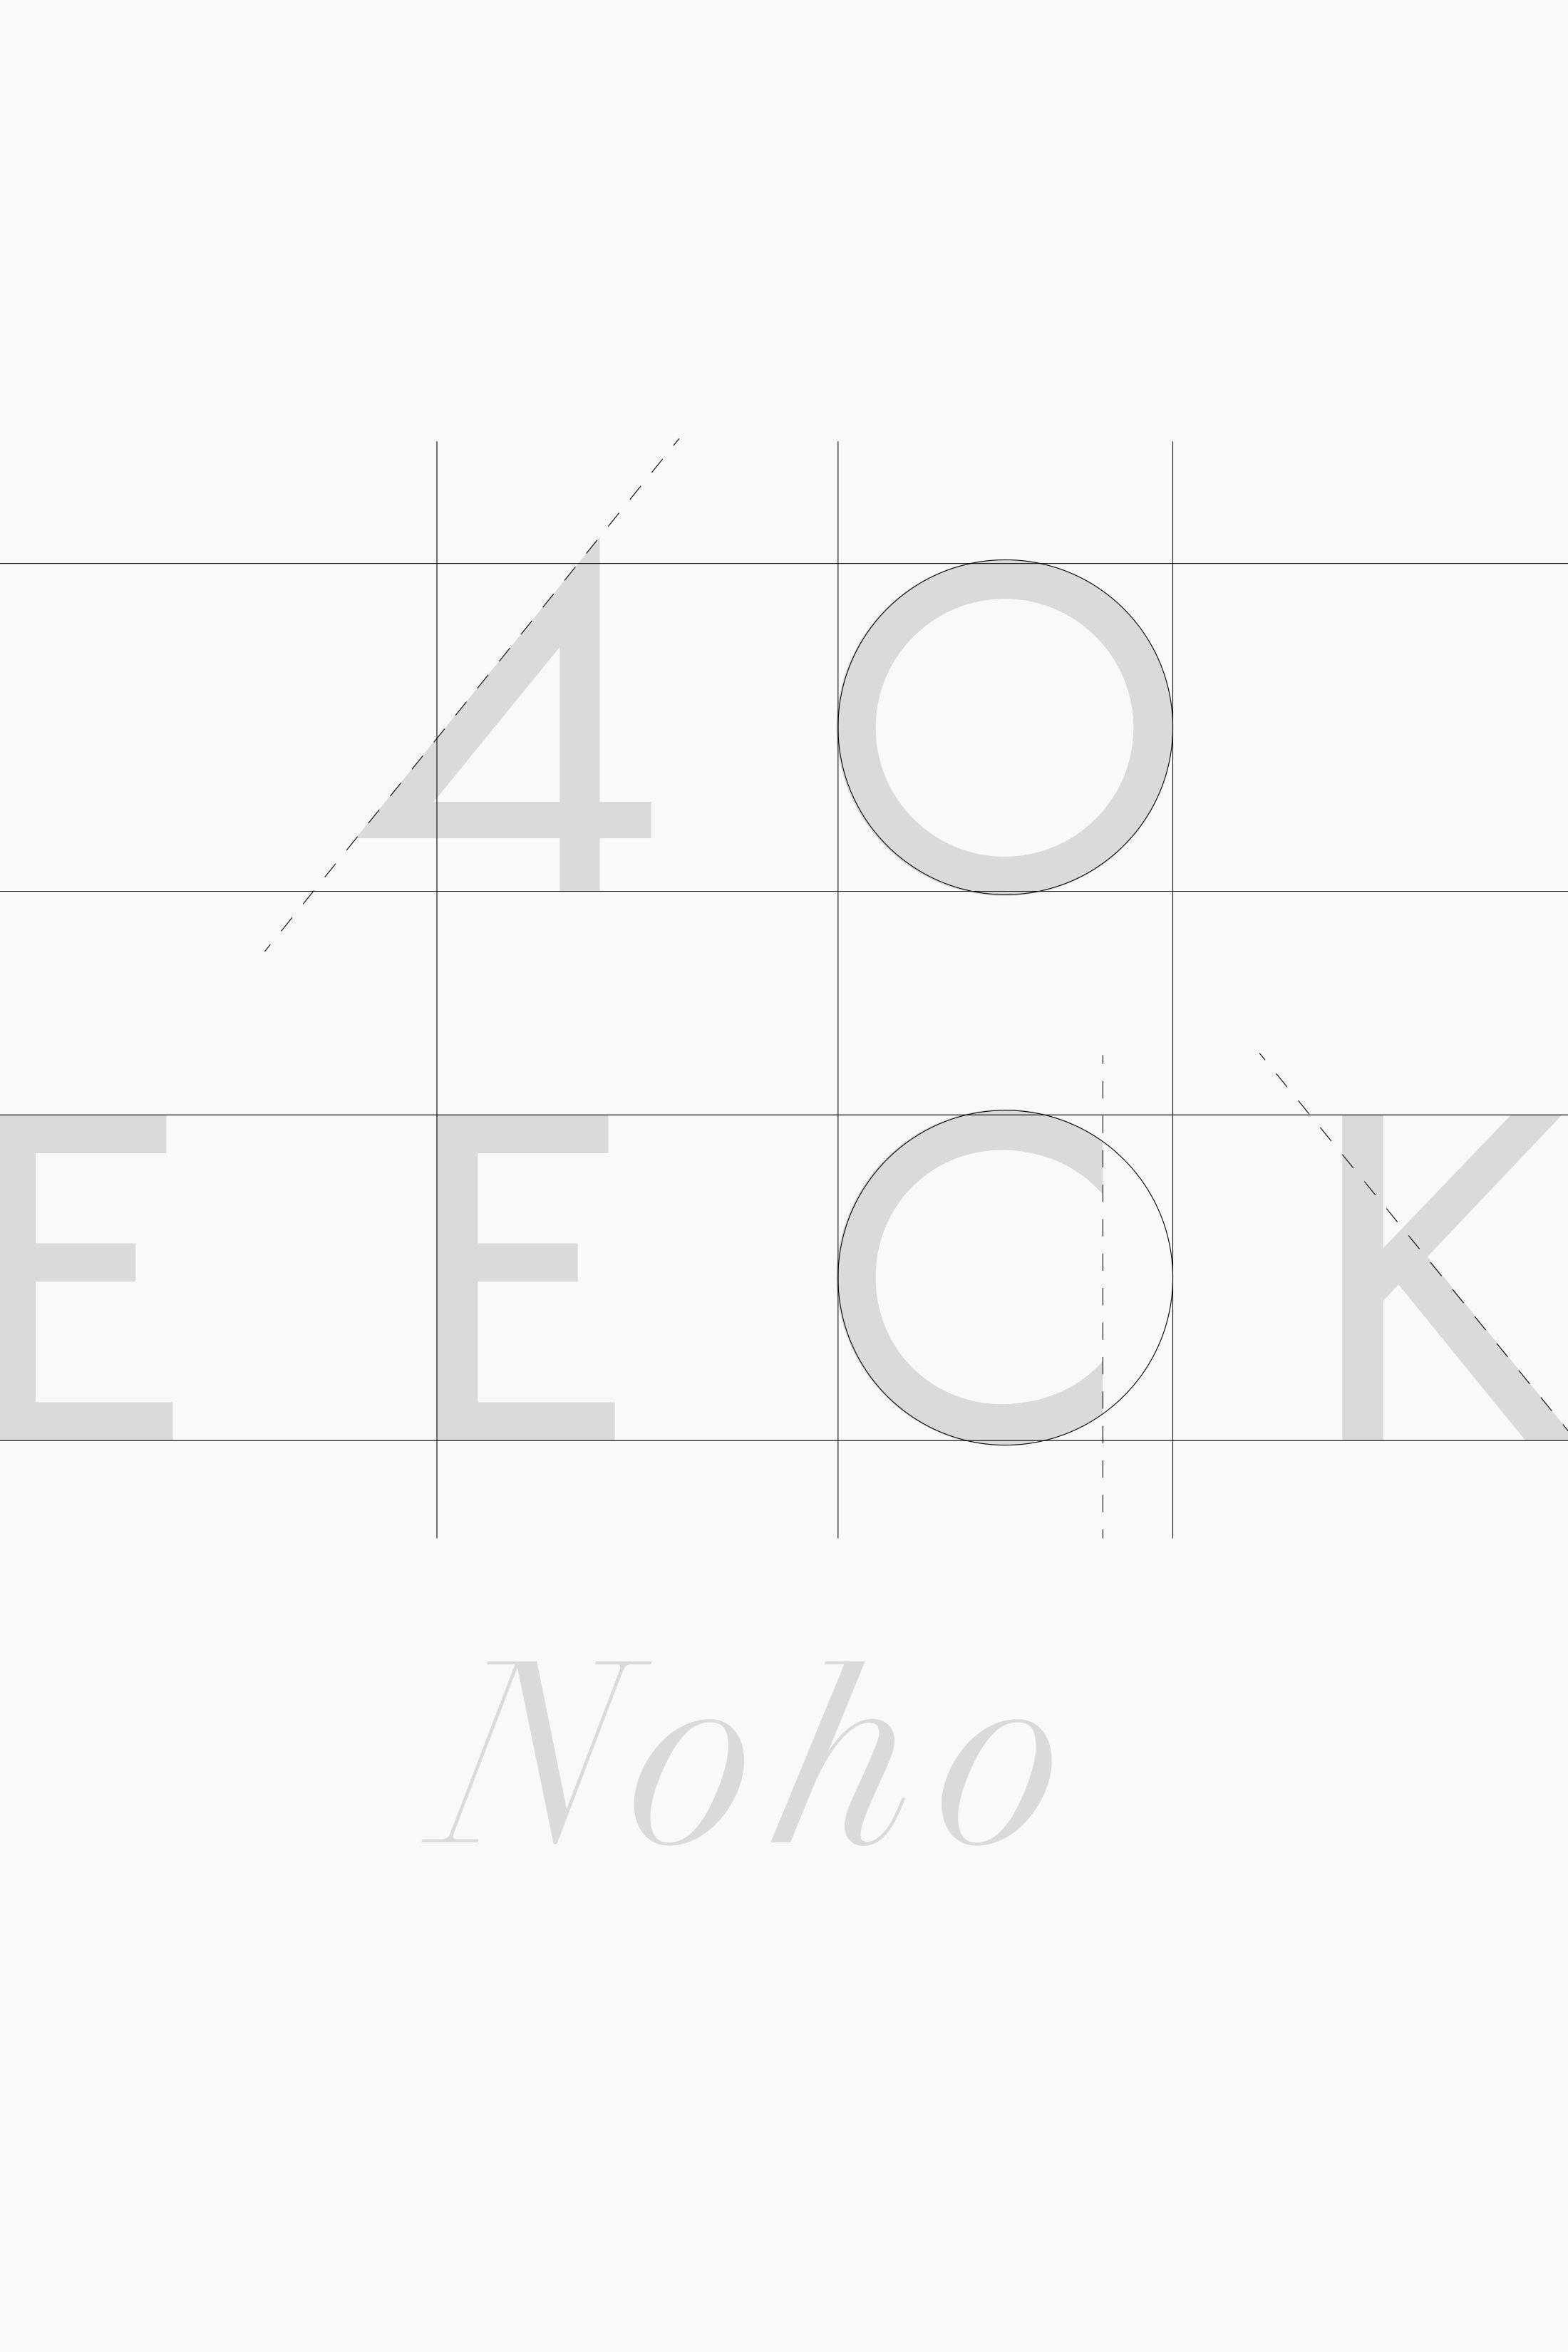 40 Bleecker logo design detail